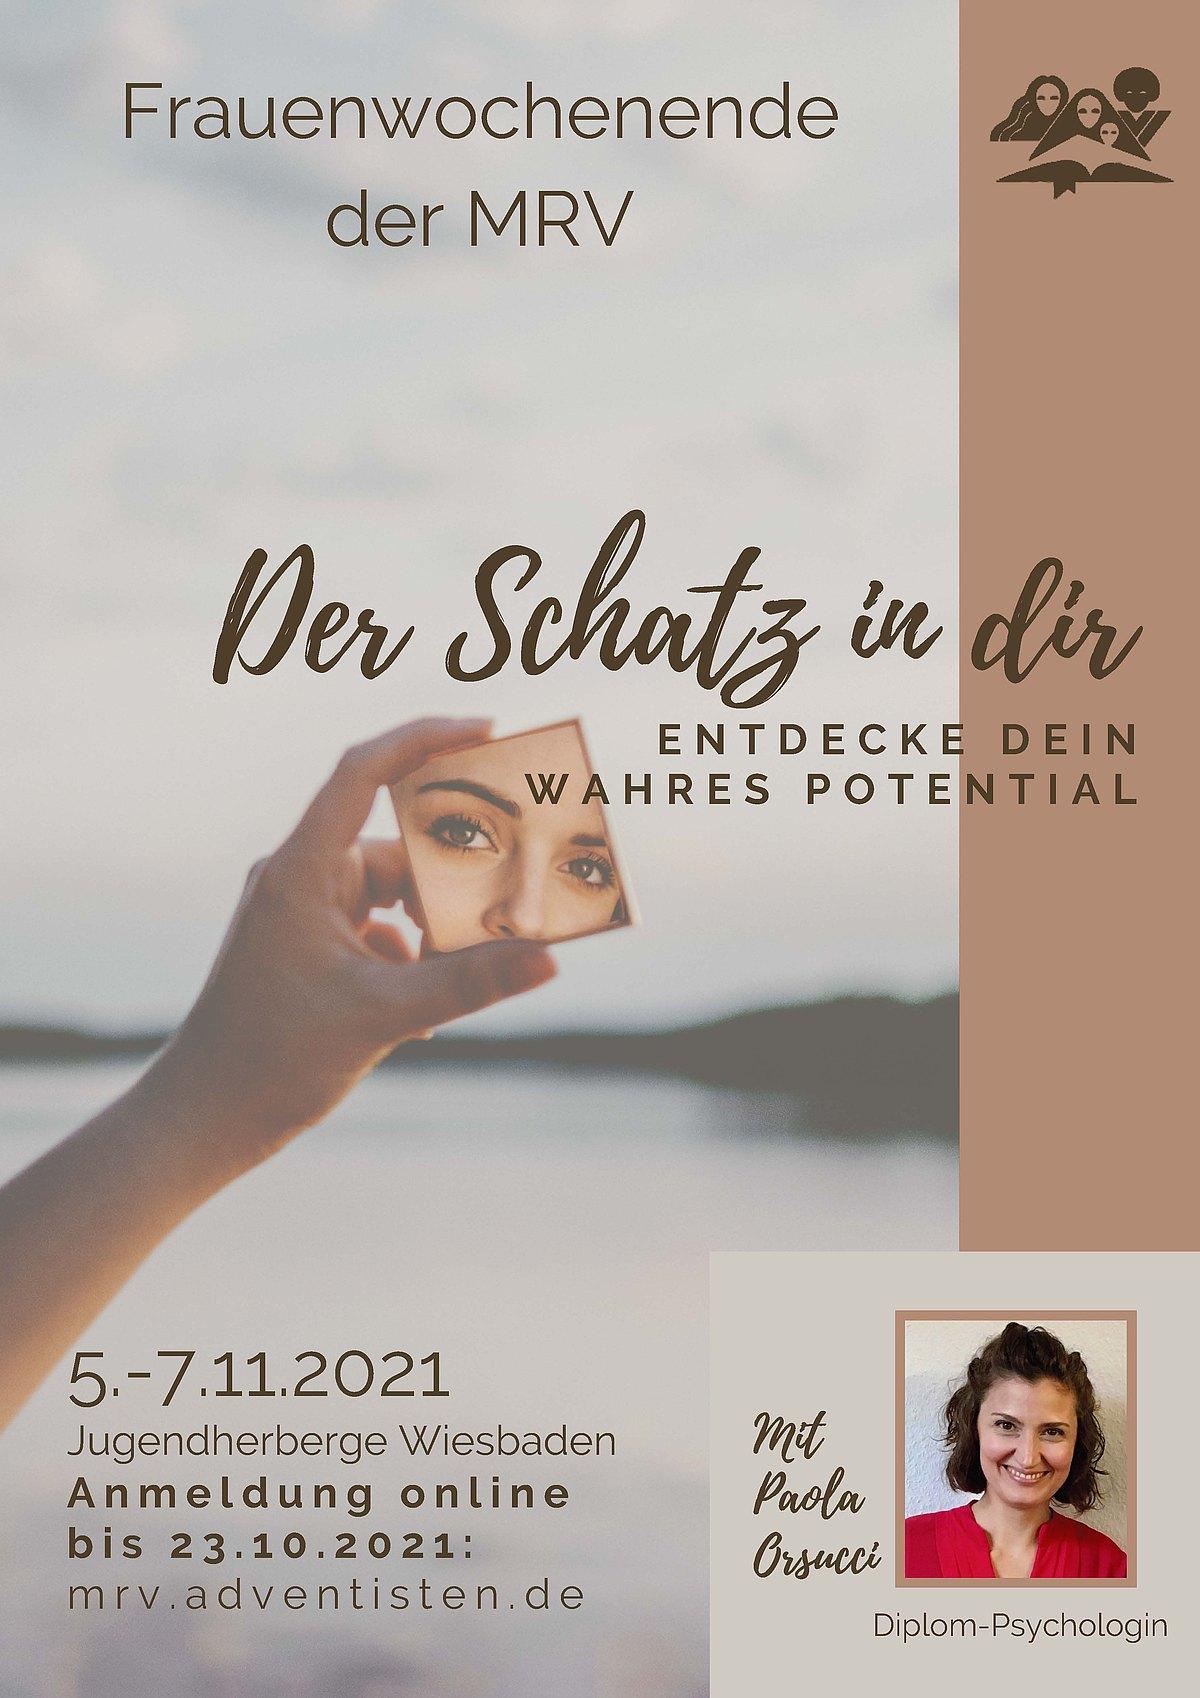 2021_11_5-7_Frauenwochenende_Wiesbaden_MRV.jpg